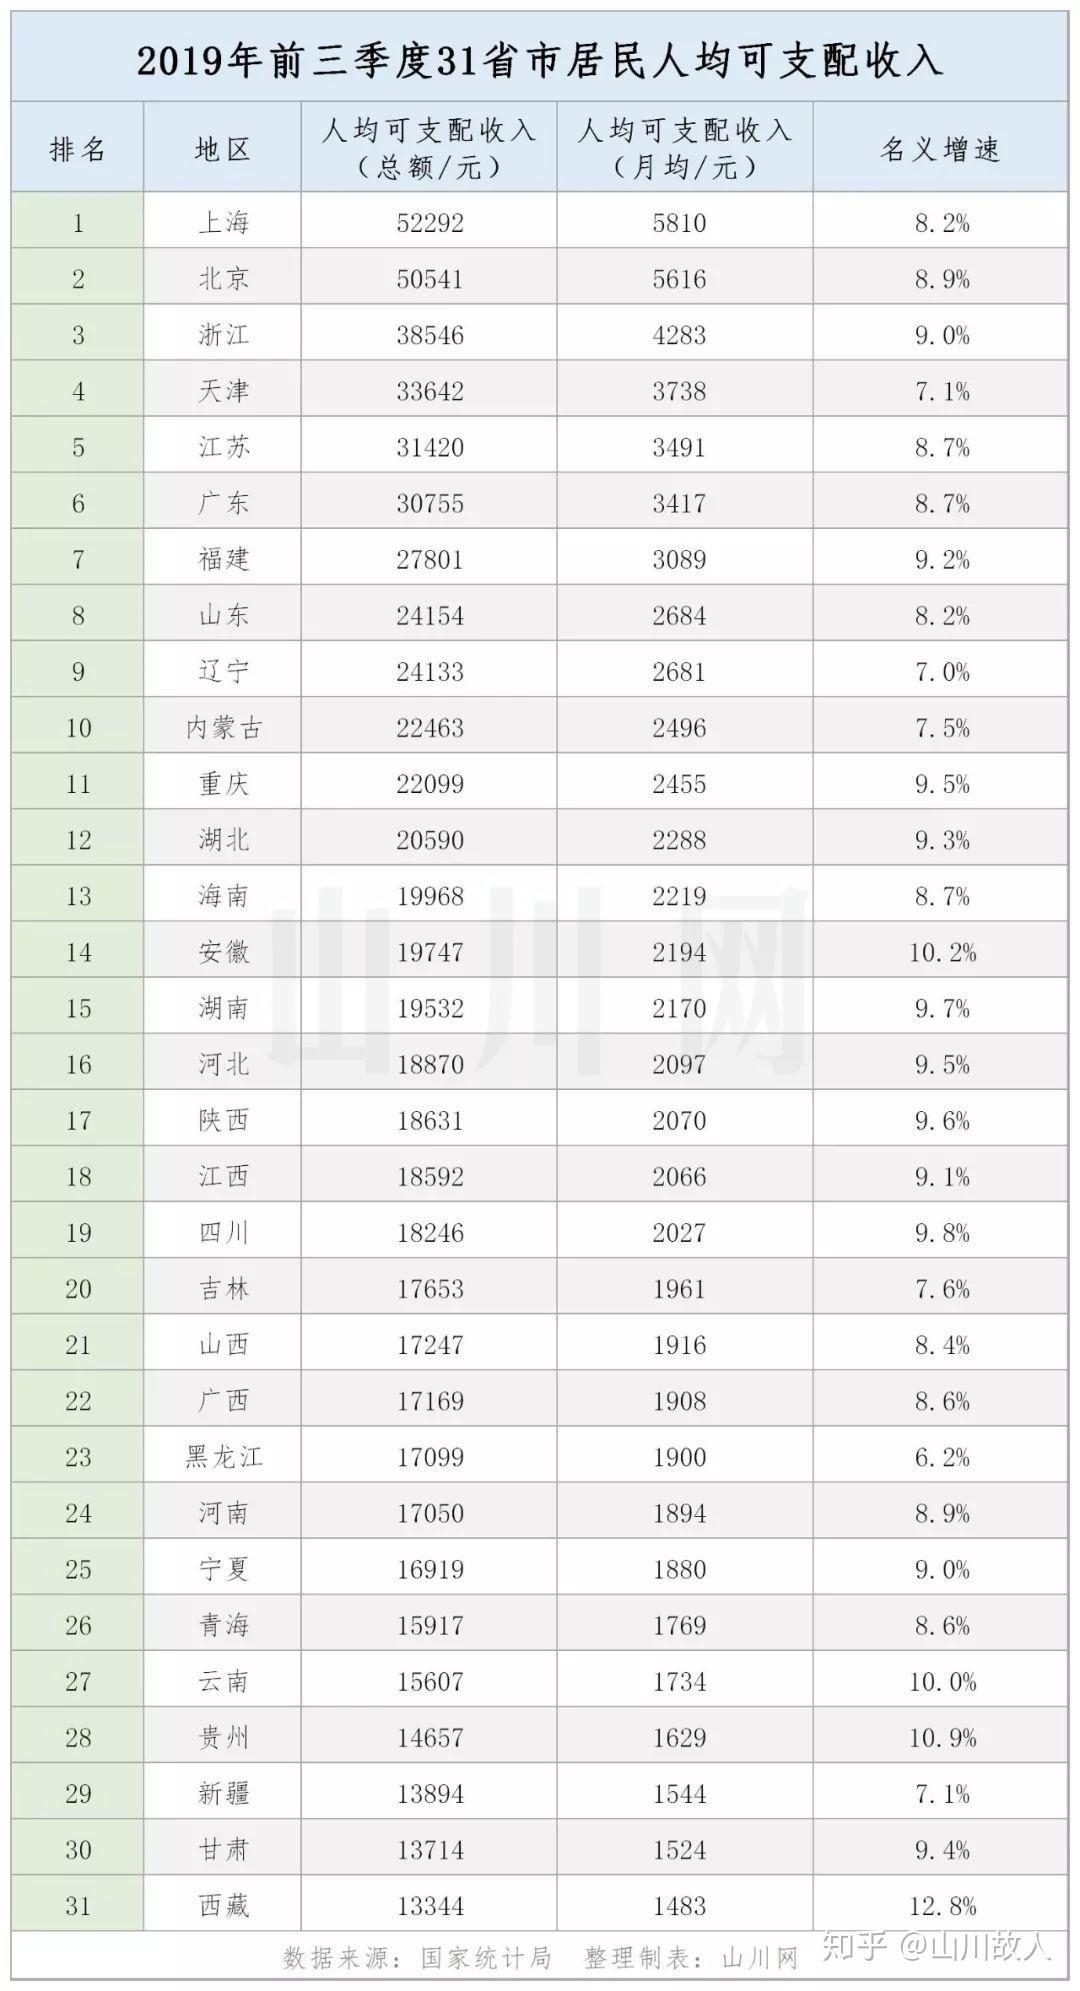 2019国内人均收入排行_2019年上半年中国居民人均可支配收入和消费支出